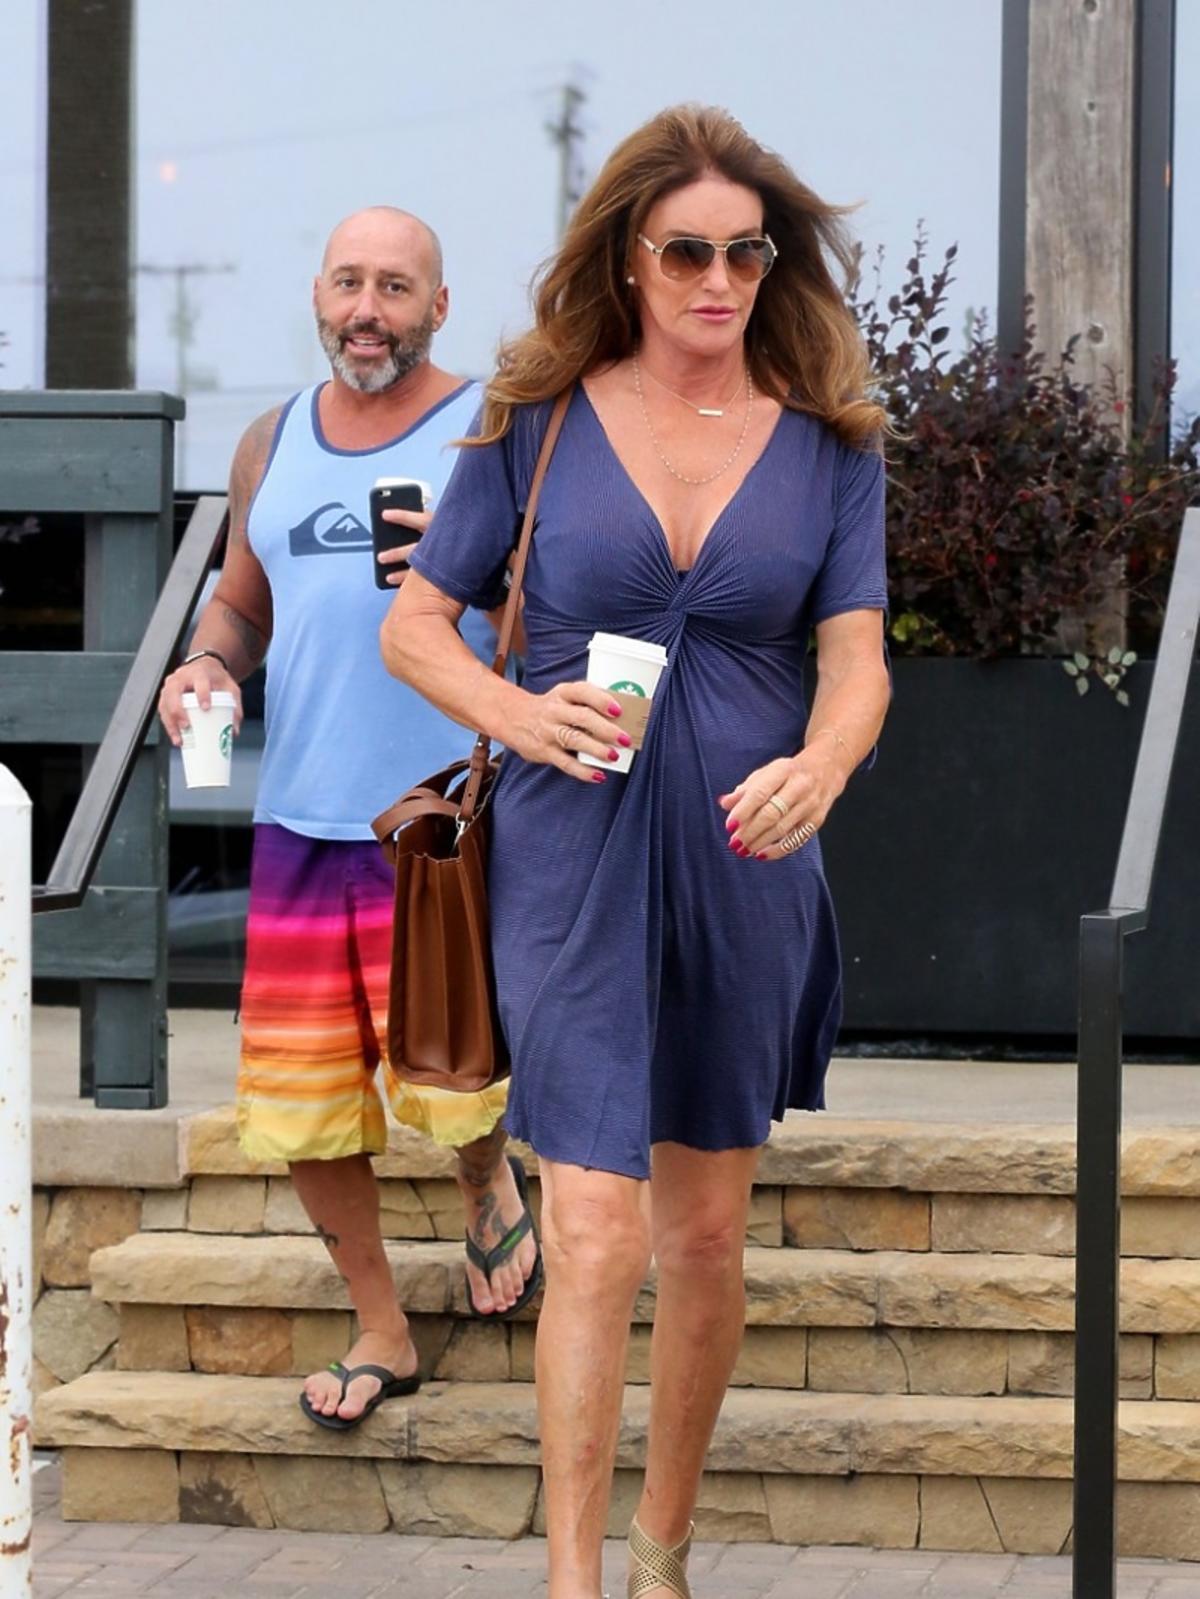 Cailtyn Jenner w niebieskiej sukience idzie ulicą